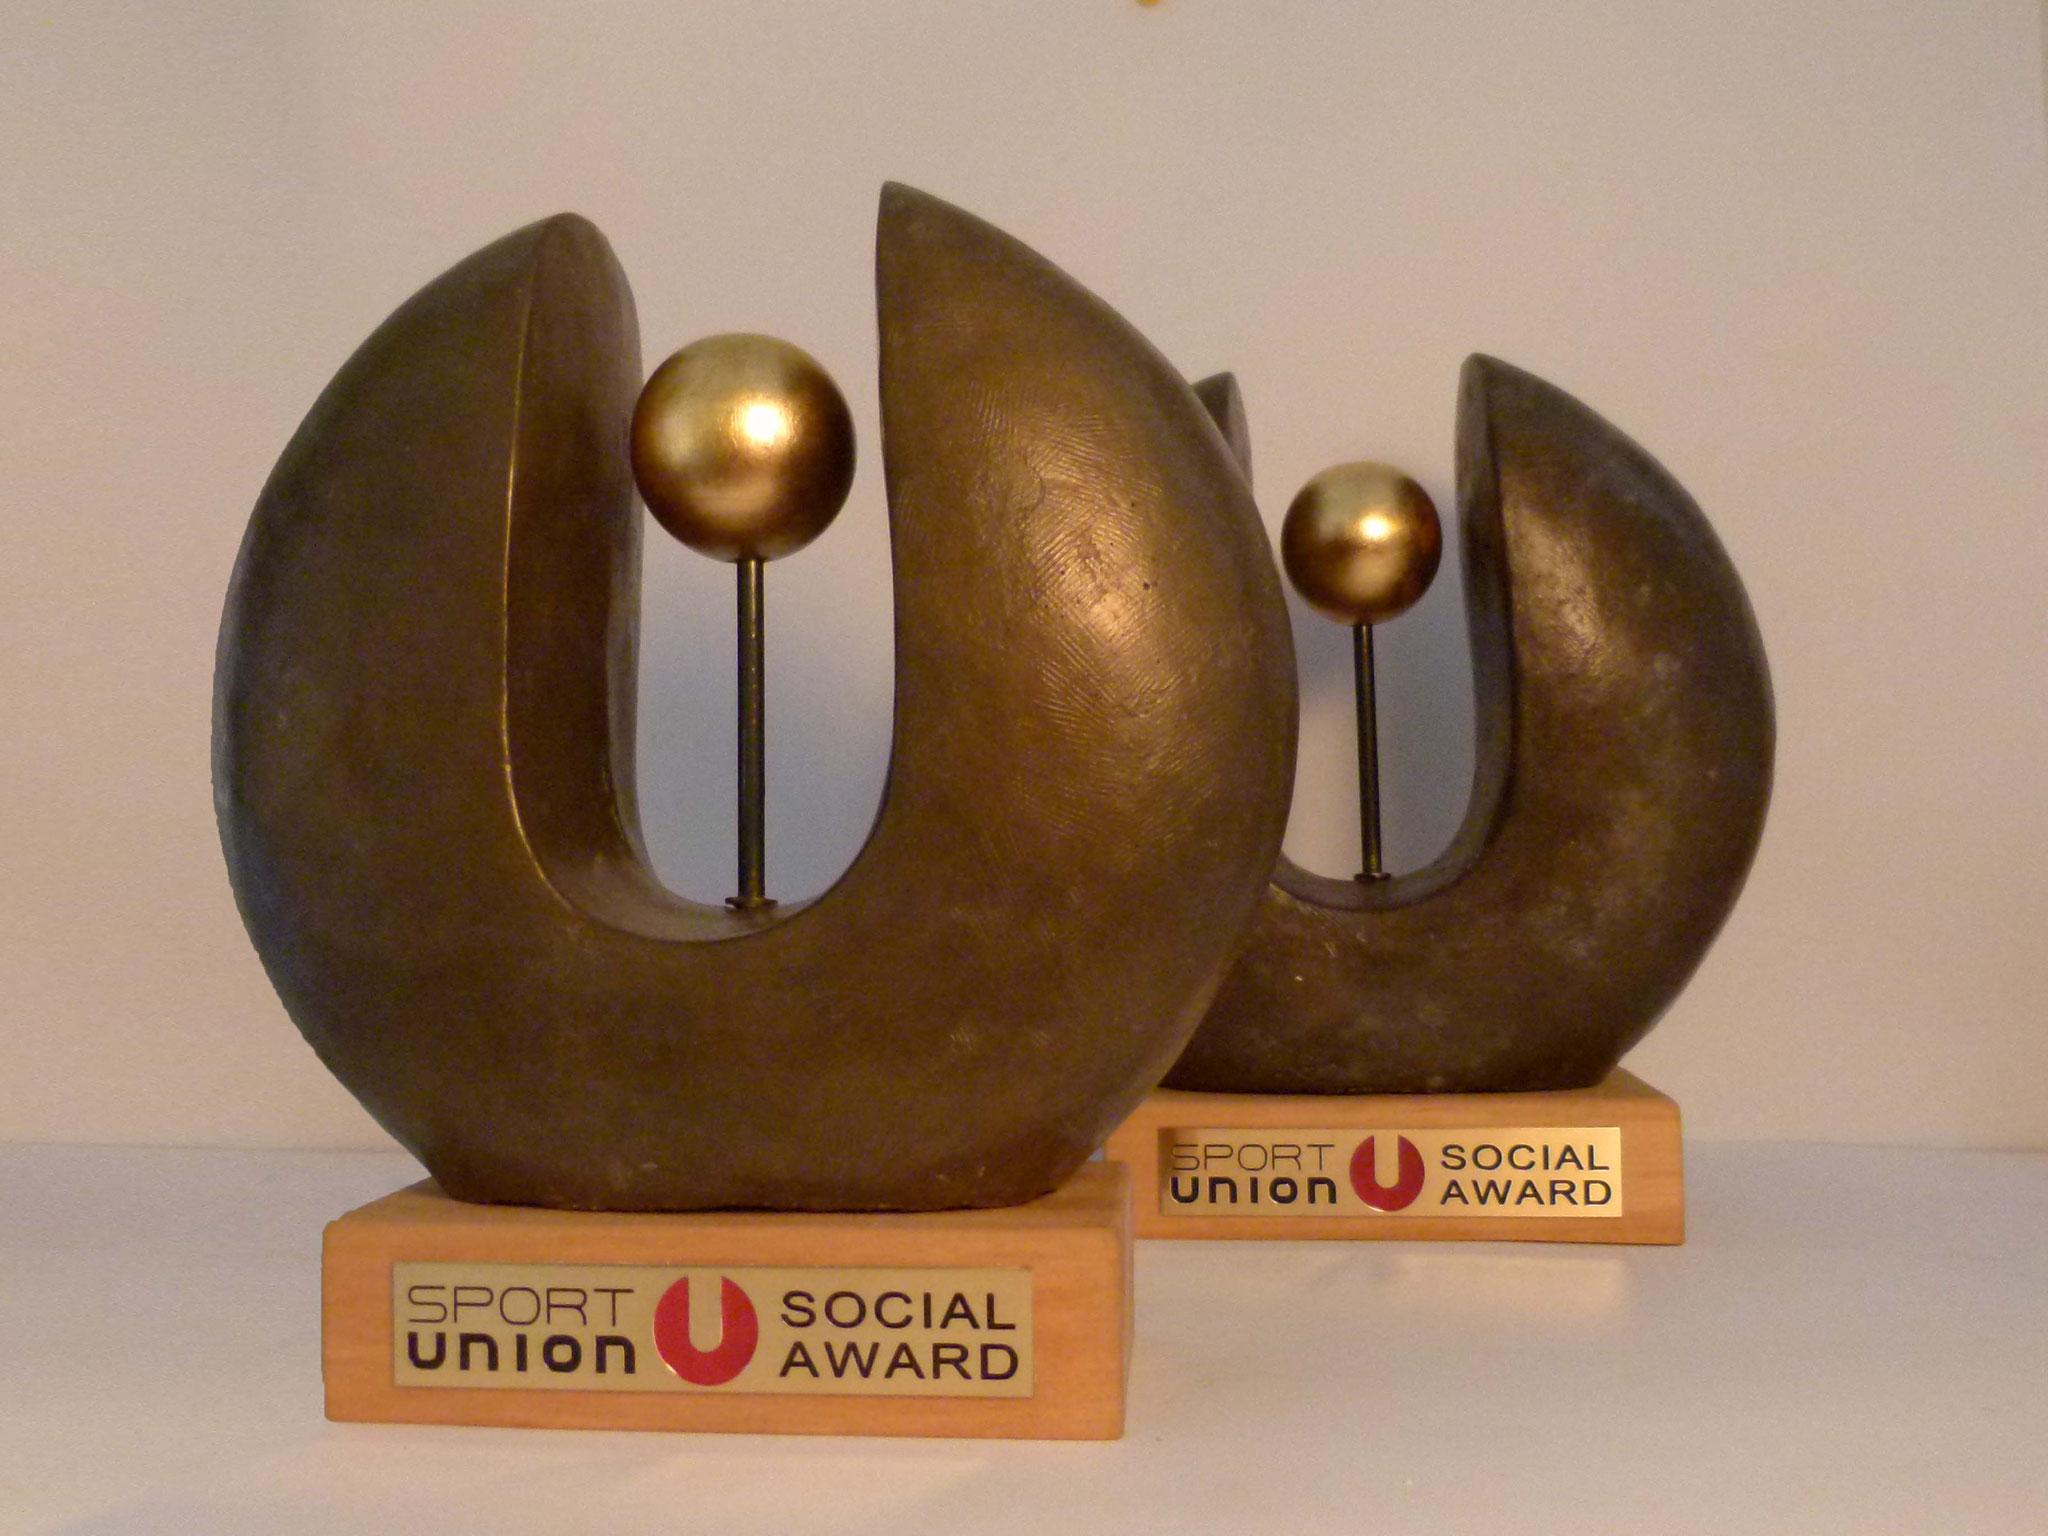 Sozial-Award der Sportunion Salzburg